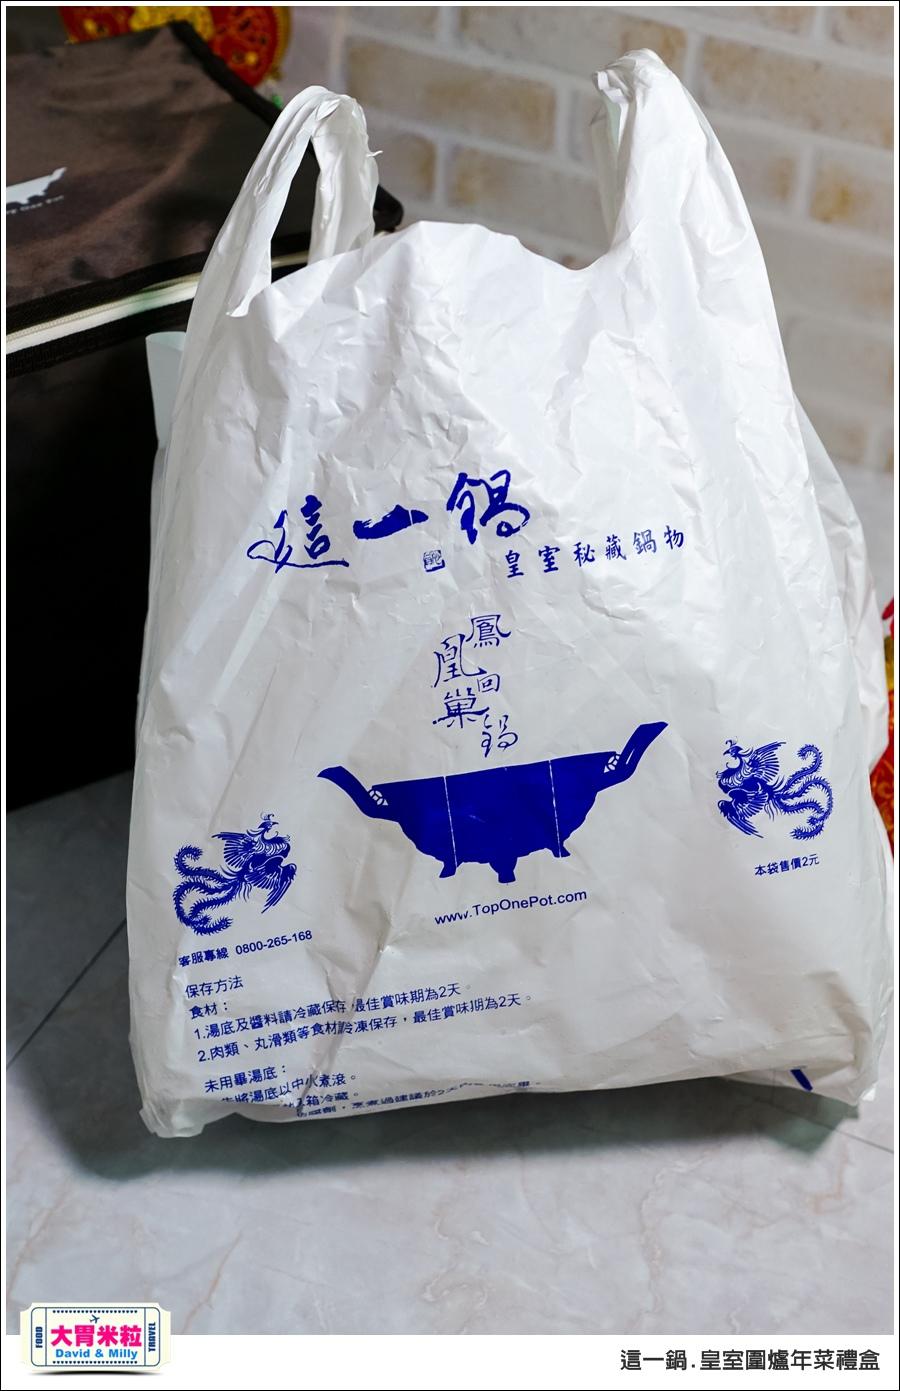 宅配年菜禮盒推薦@這一鍋 火鍋宅配年菜禮盒@大胃米粒 0001.jpg